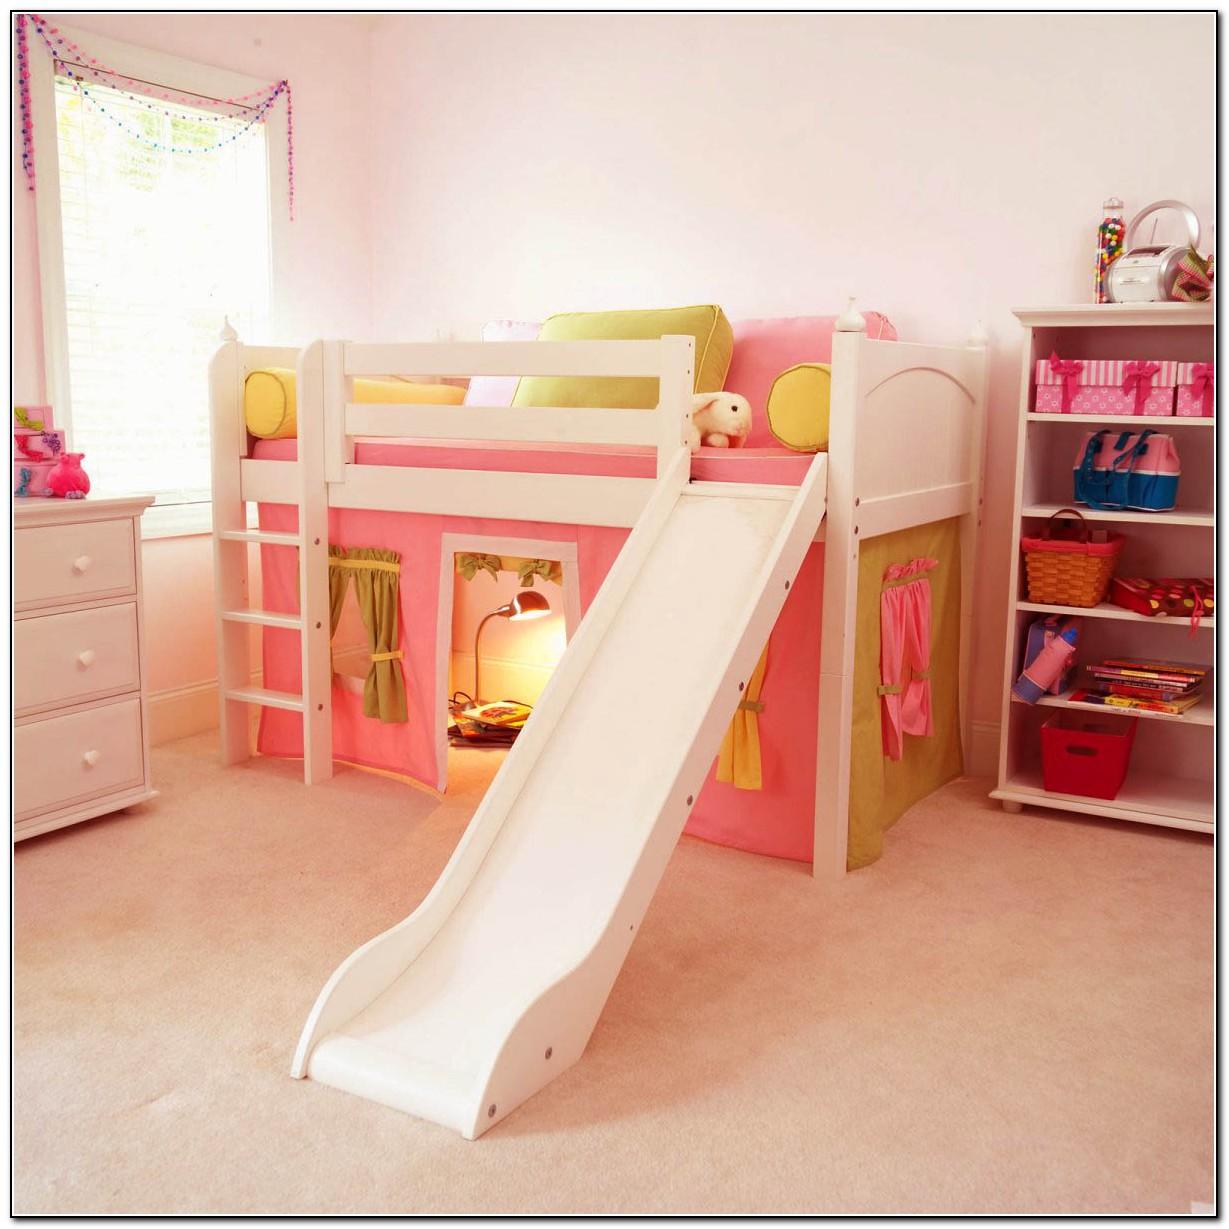 Kids Loft Bed With Slide